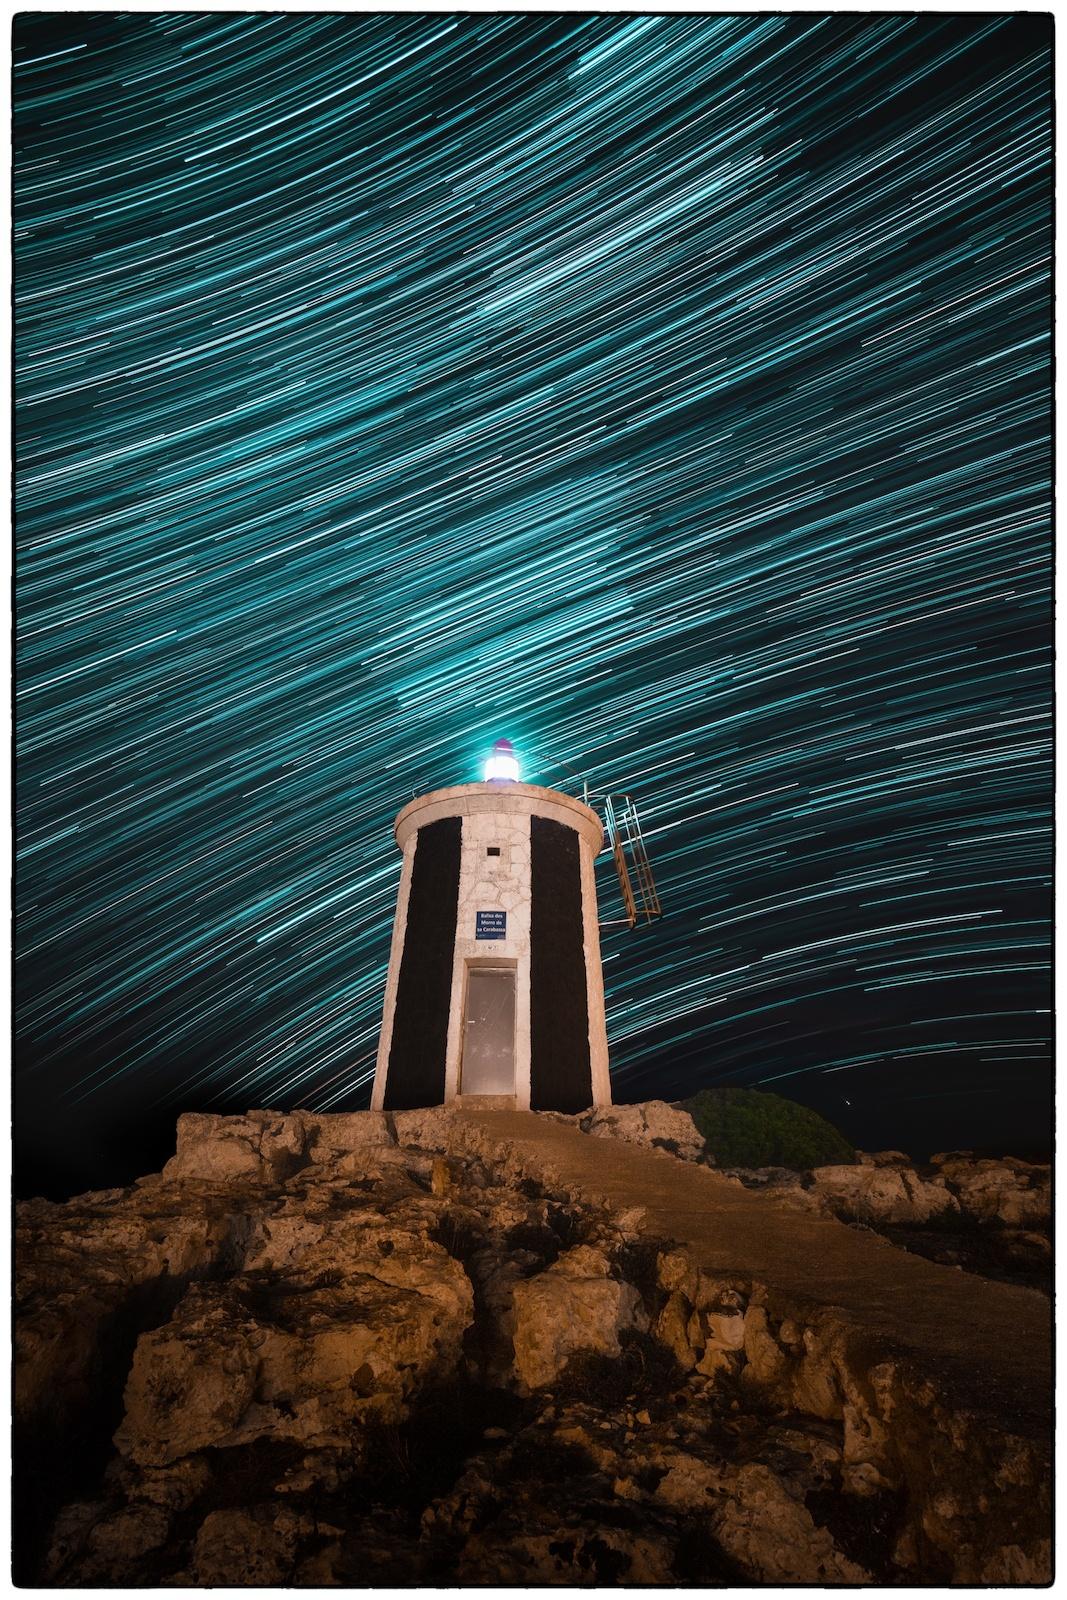 Gastbeitrag: Astrofotografie – Milchstraße und Startrails